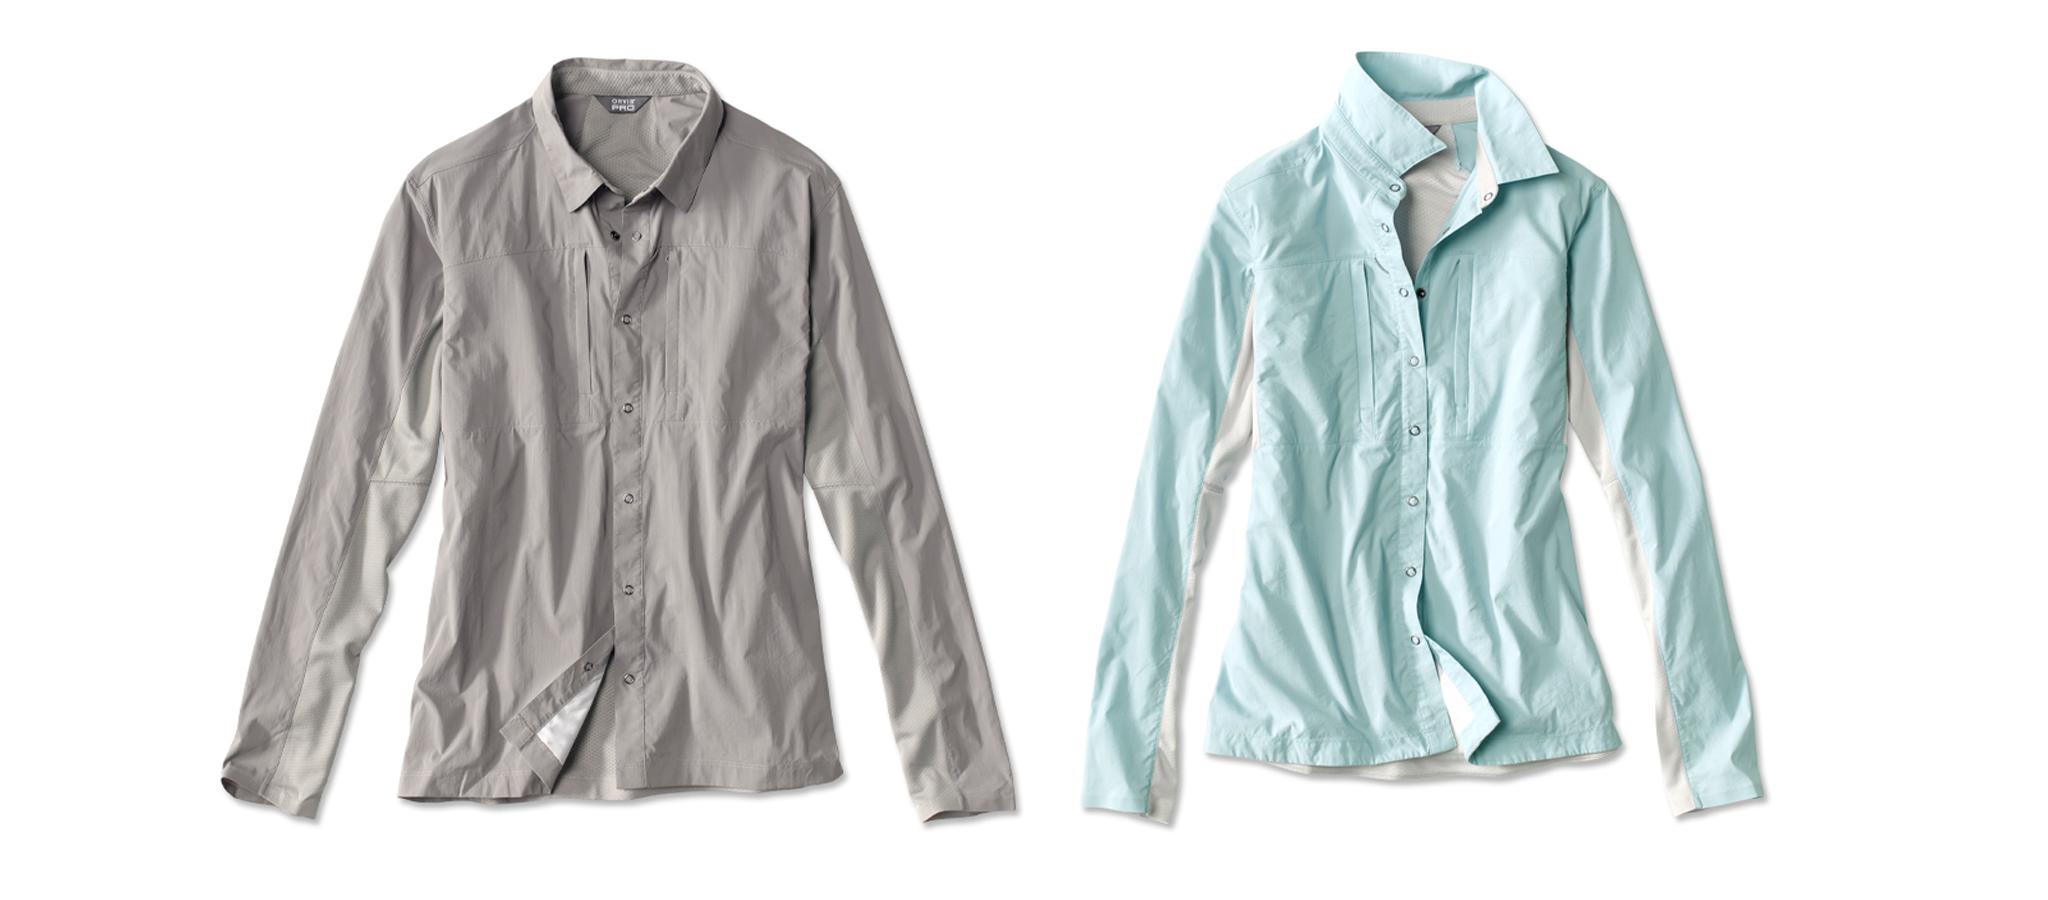 ORVIS-Pro-Hybrid-Long-Sleeved-Shirt